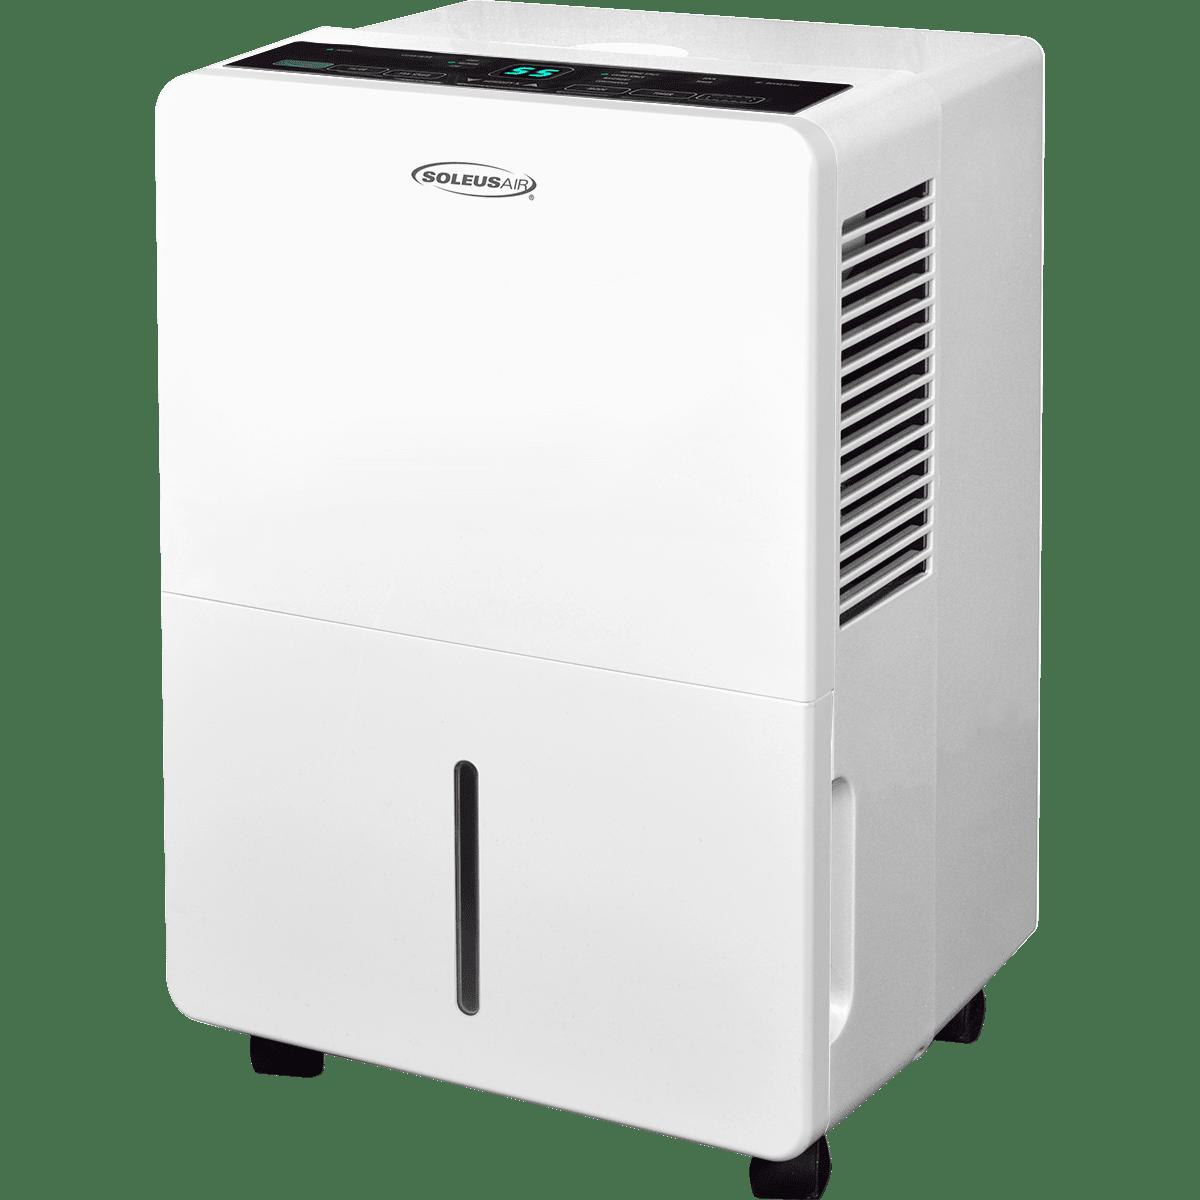 Soleus Air DS1-30-01 30 Pint Dehumidifier